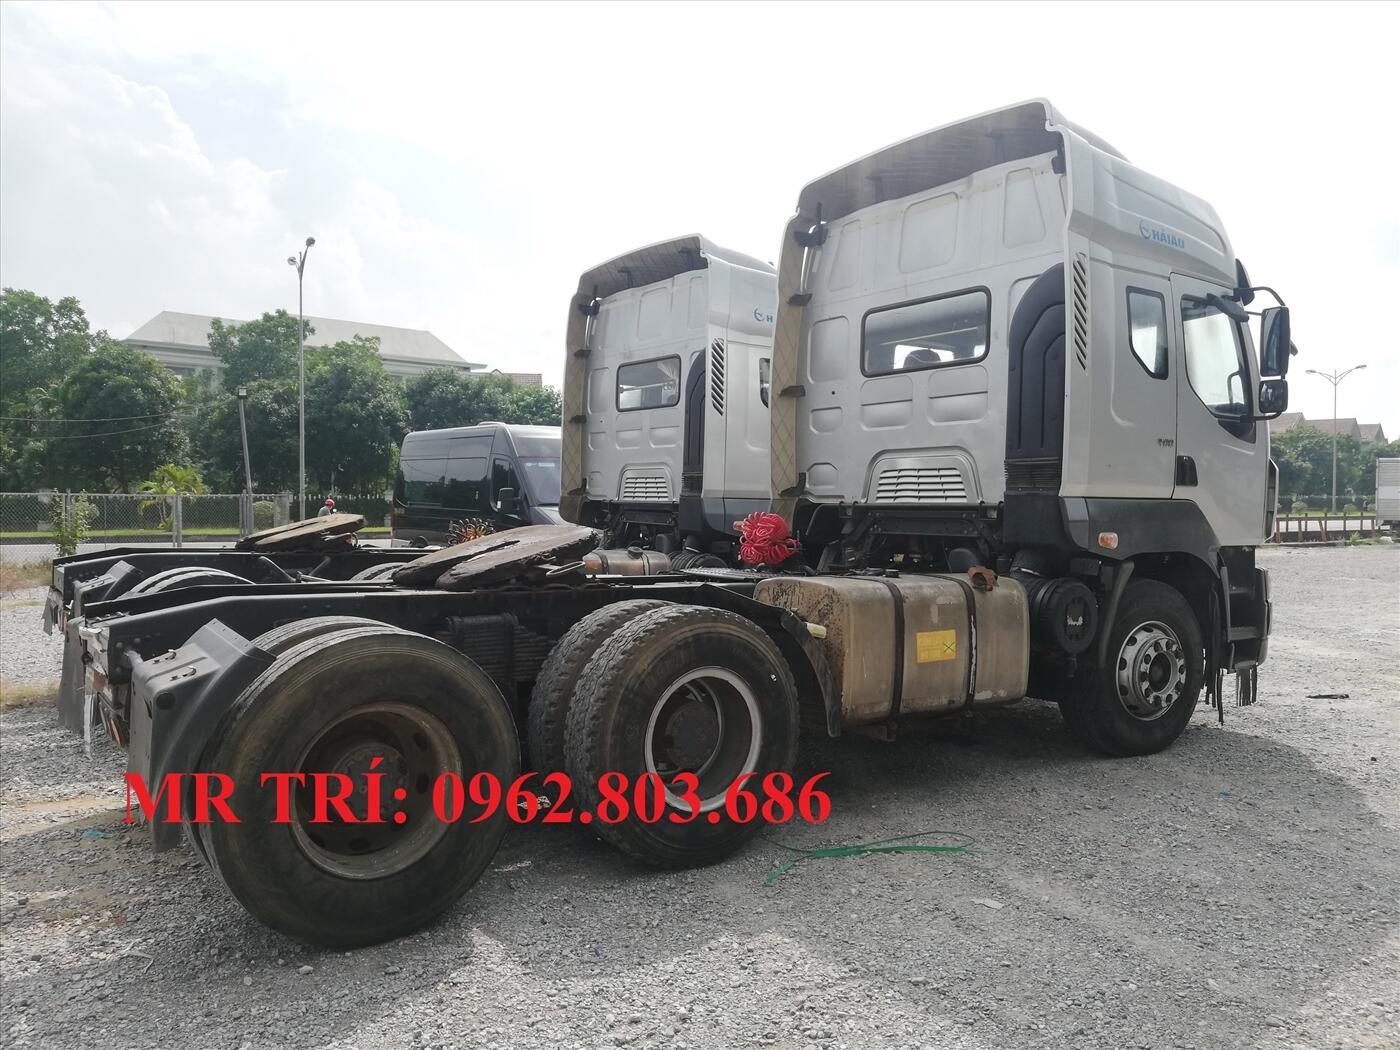 Mua bán xe đầu kéo cũ chenglong tại Long Biên